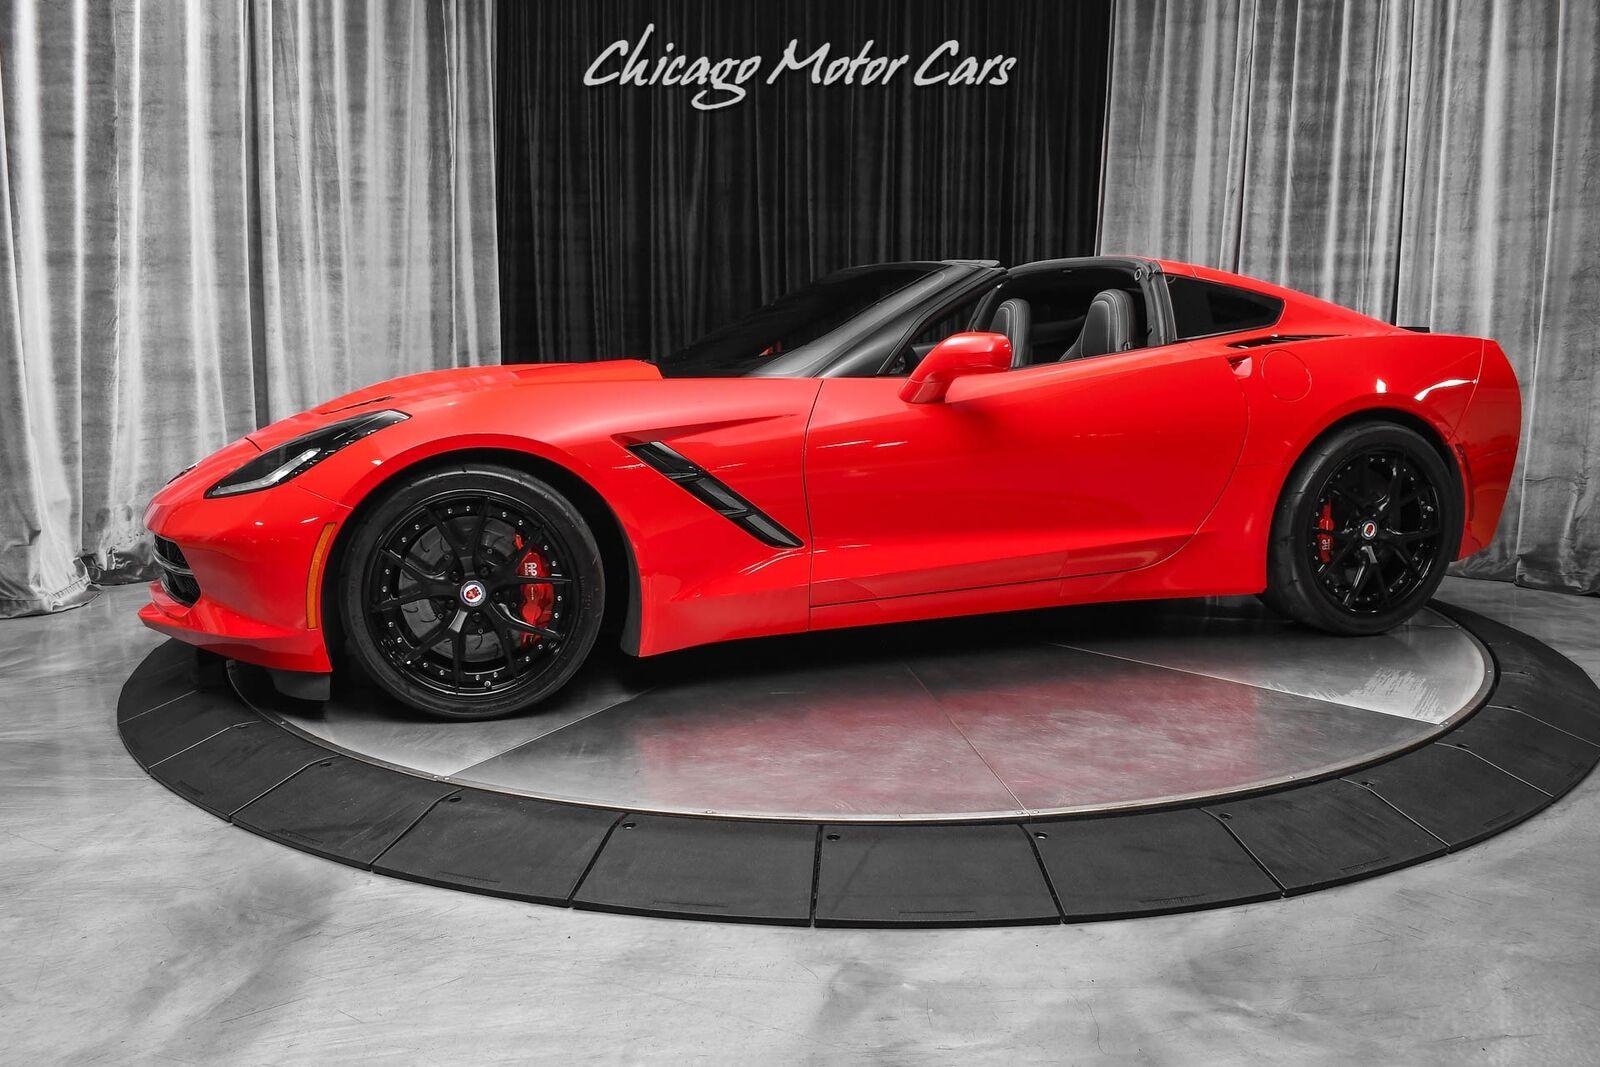 2014 Red Chevrolet Corvette Stingray 2LT | C7 Corvette Photo 1